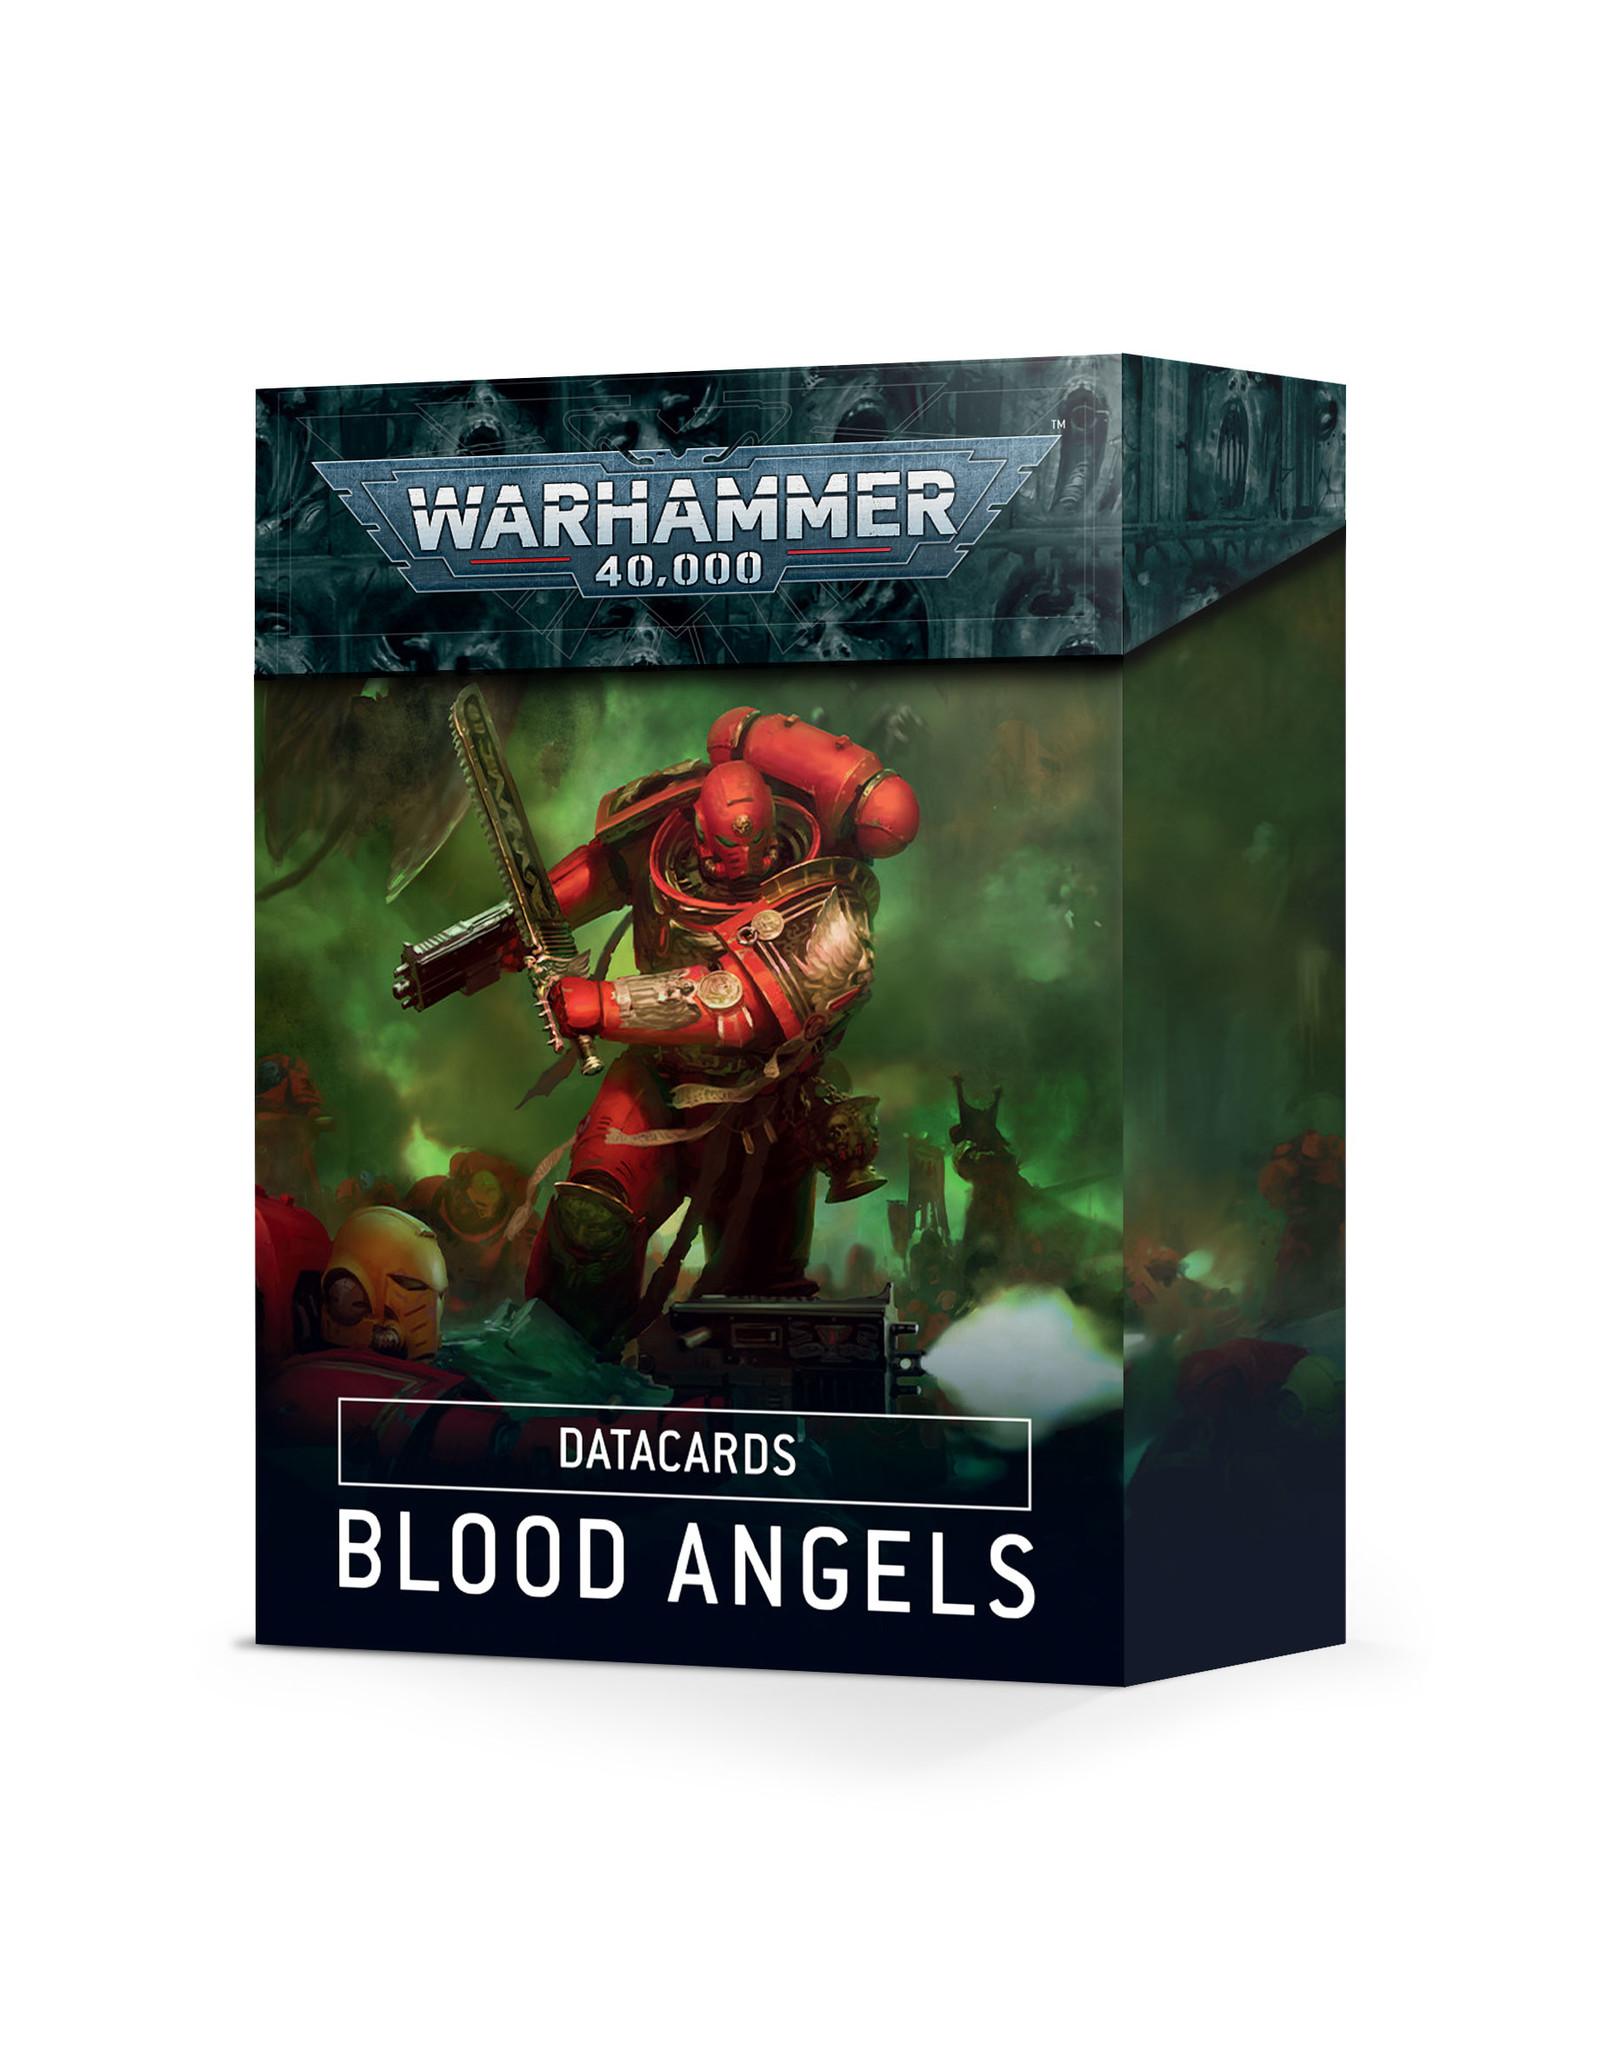 Warhammer 40K Blood Angels Datacards